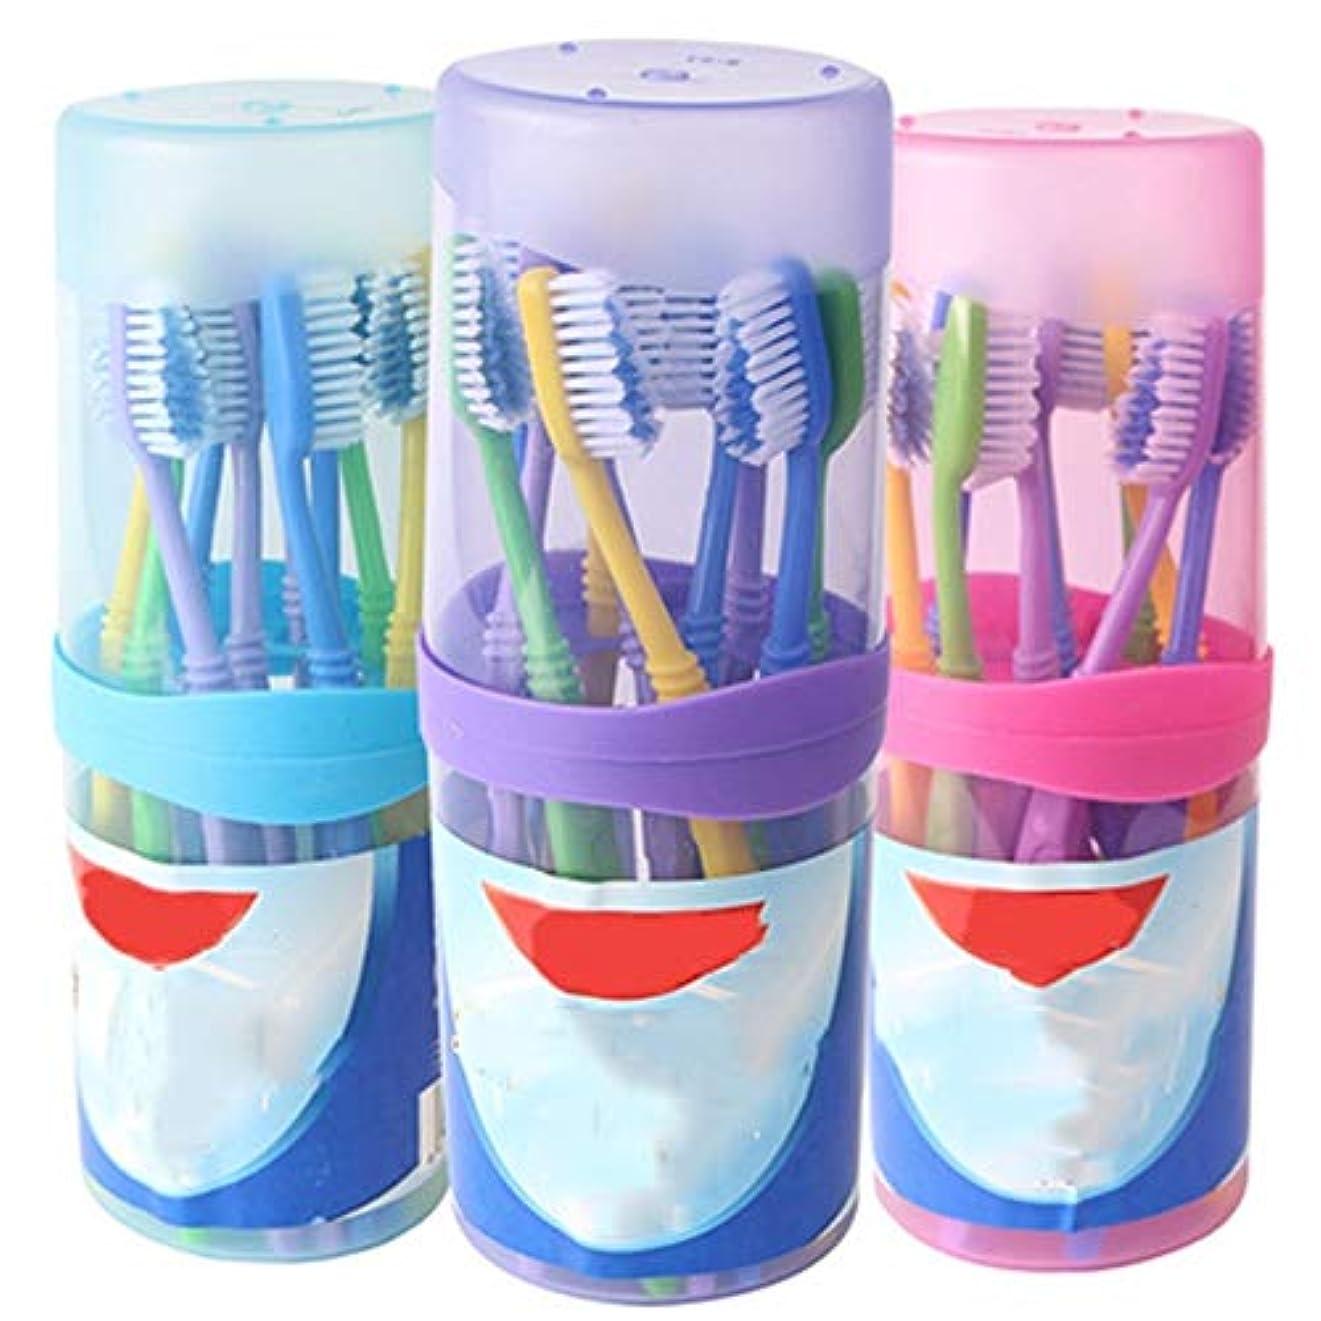 共和党ながら地理歯ブラシ 30本の歯ブラシ、バルク大人歯ブラシ、歯茎のためのクリーンタルタルとケア - 使用可能なスタイルの2種類 HL (色 : A, サイズ : 30 packs)